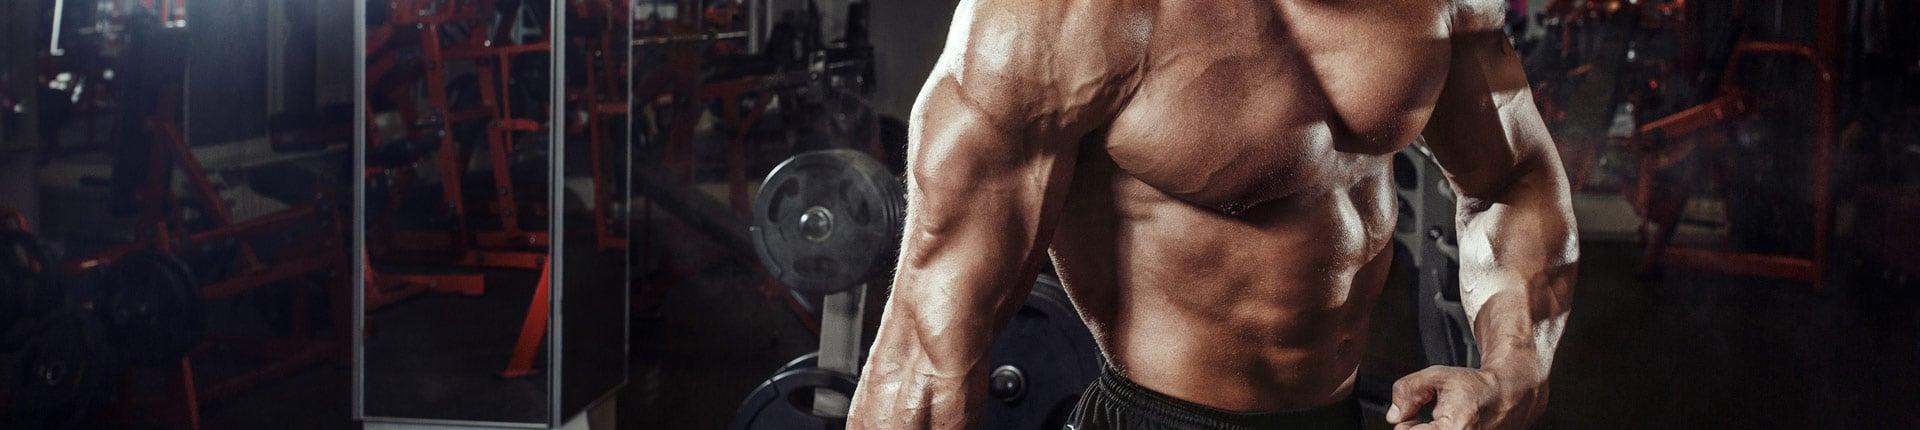 Pięć mięśni, które często ignorujemy trenując na siłowni